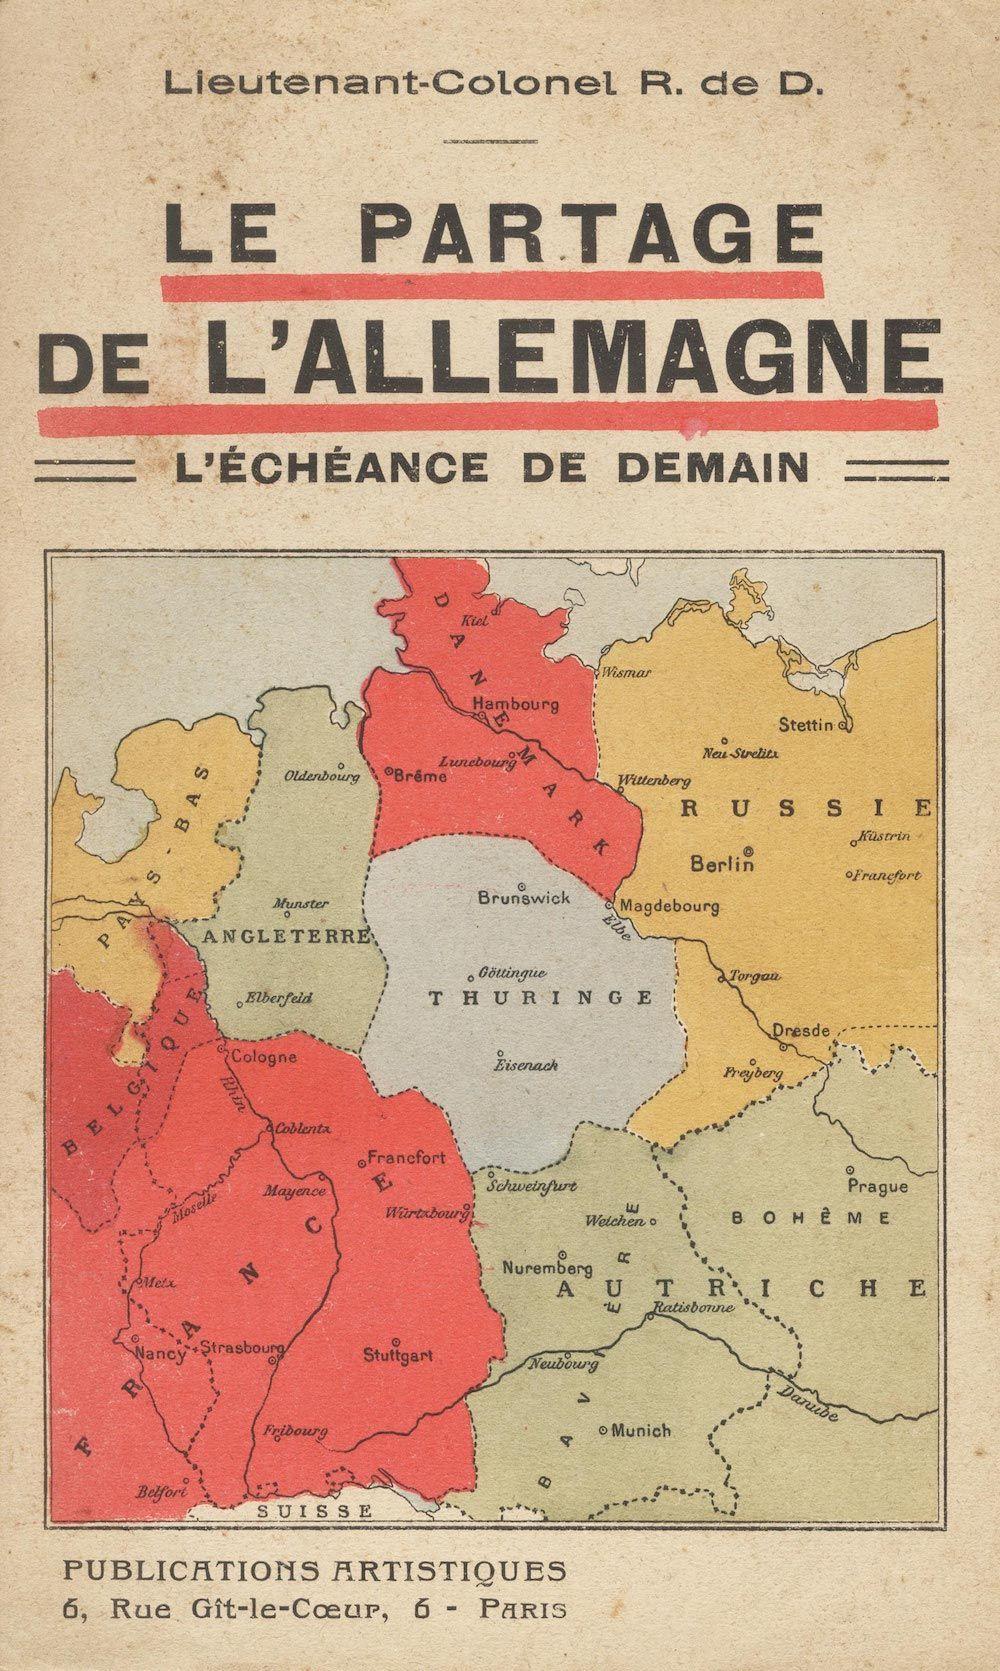 Fonte 2: R. de D., Le partage de l'Allemagne. L'échéance de demain, Paris 1917 circa, Publications Artistiques, copertina.